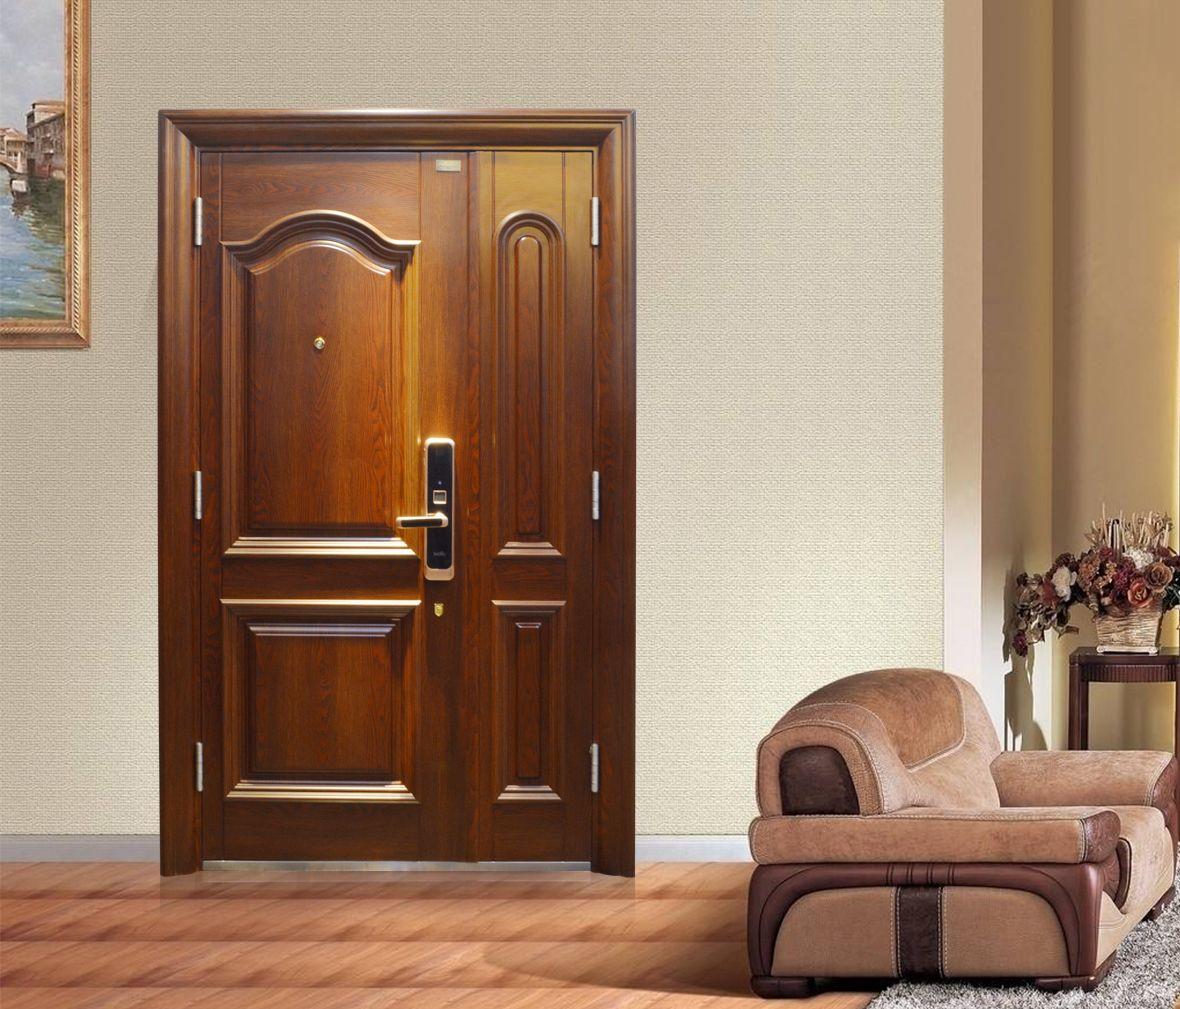 防盗门锁安装要点 防盗门锁如何安装